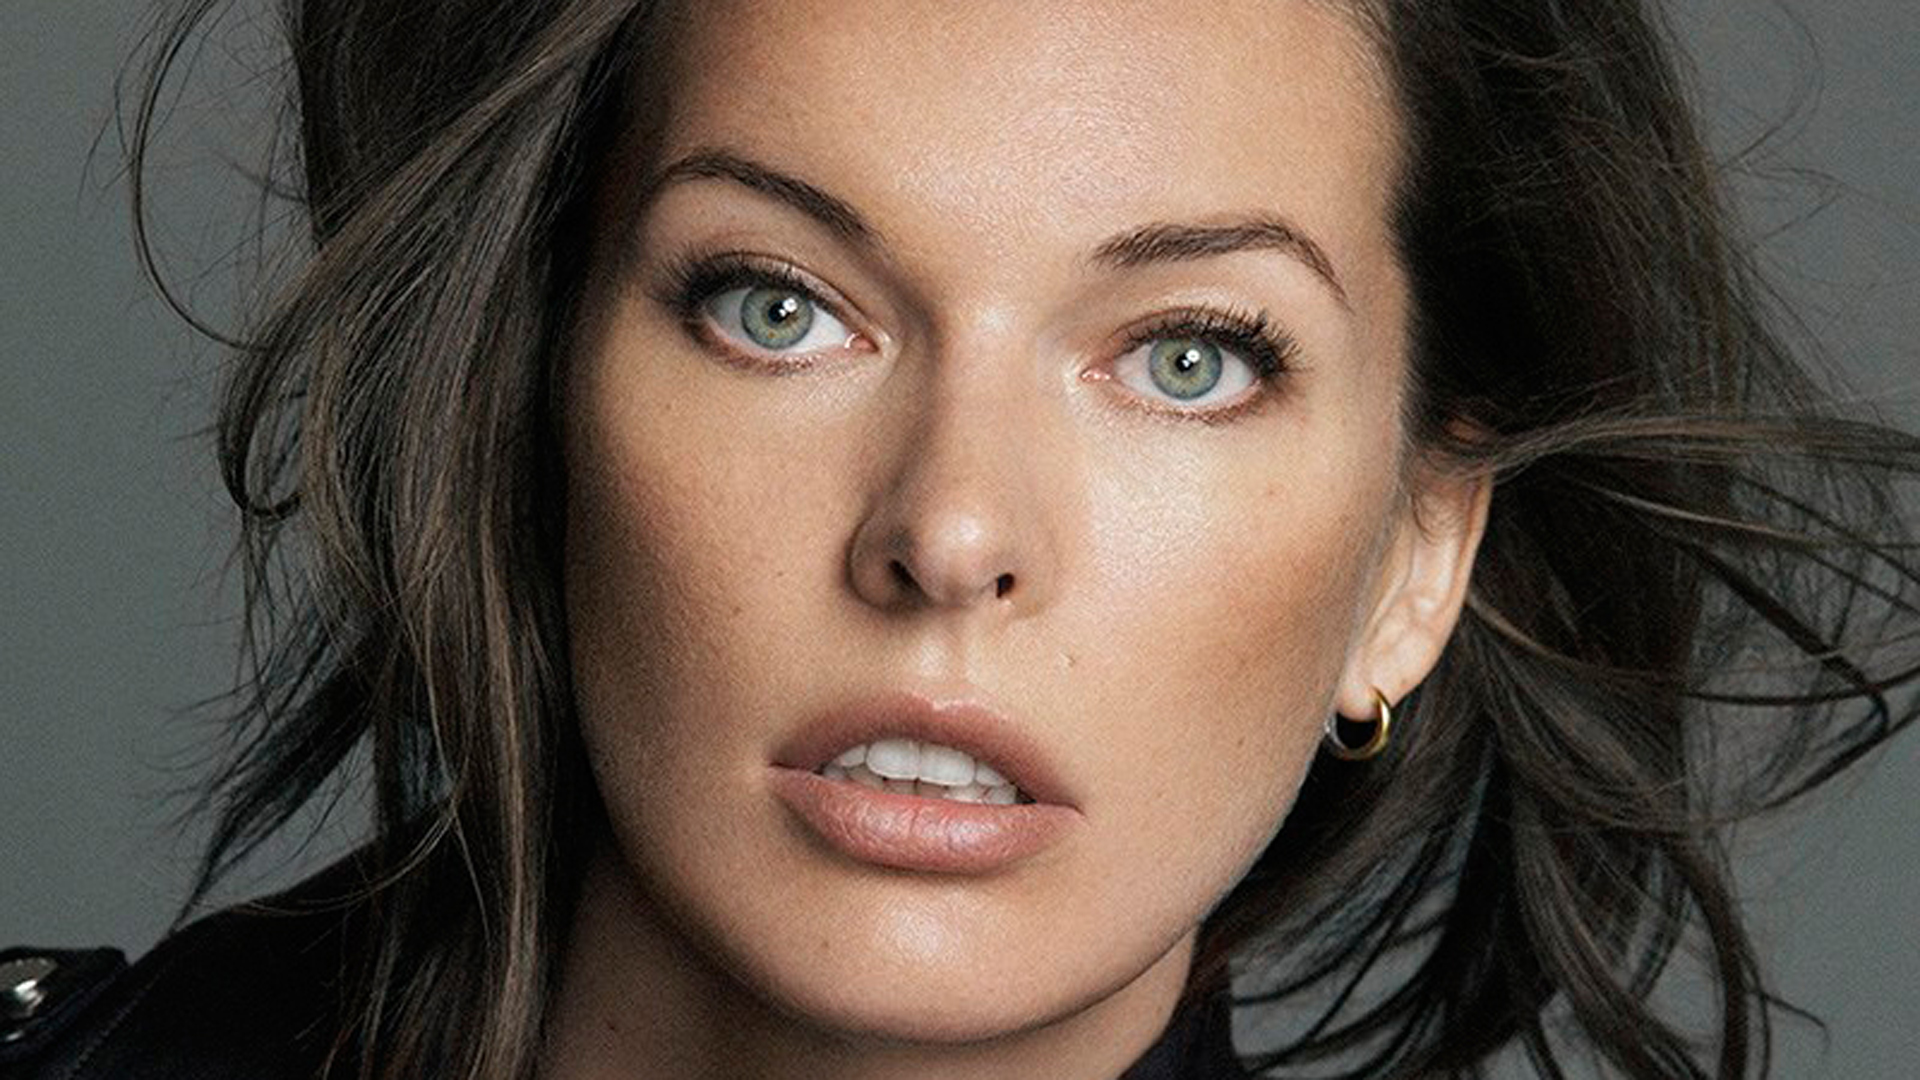 Фото актрис россии 18, Самые красивые актрисы России (Топ-30, фото) 11 фотография